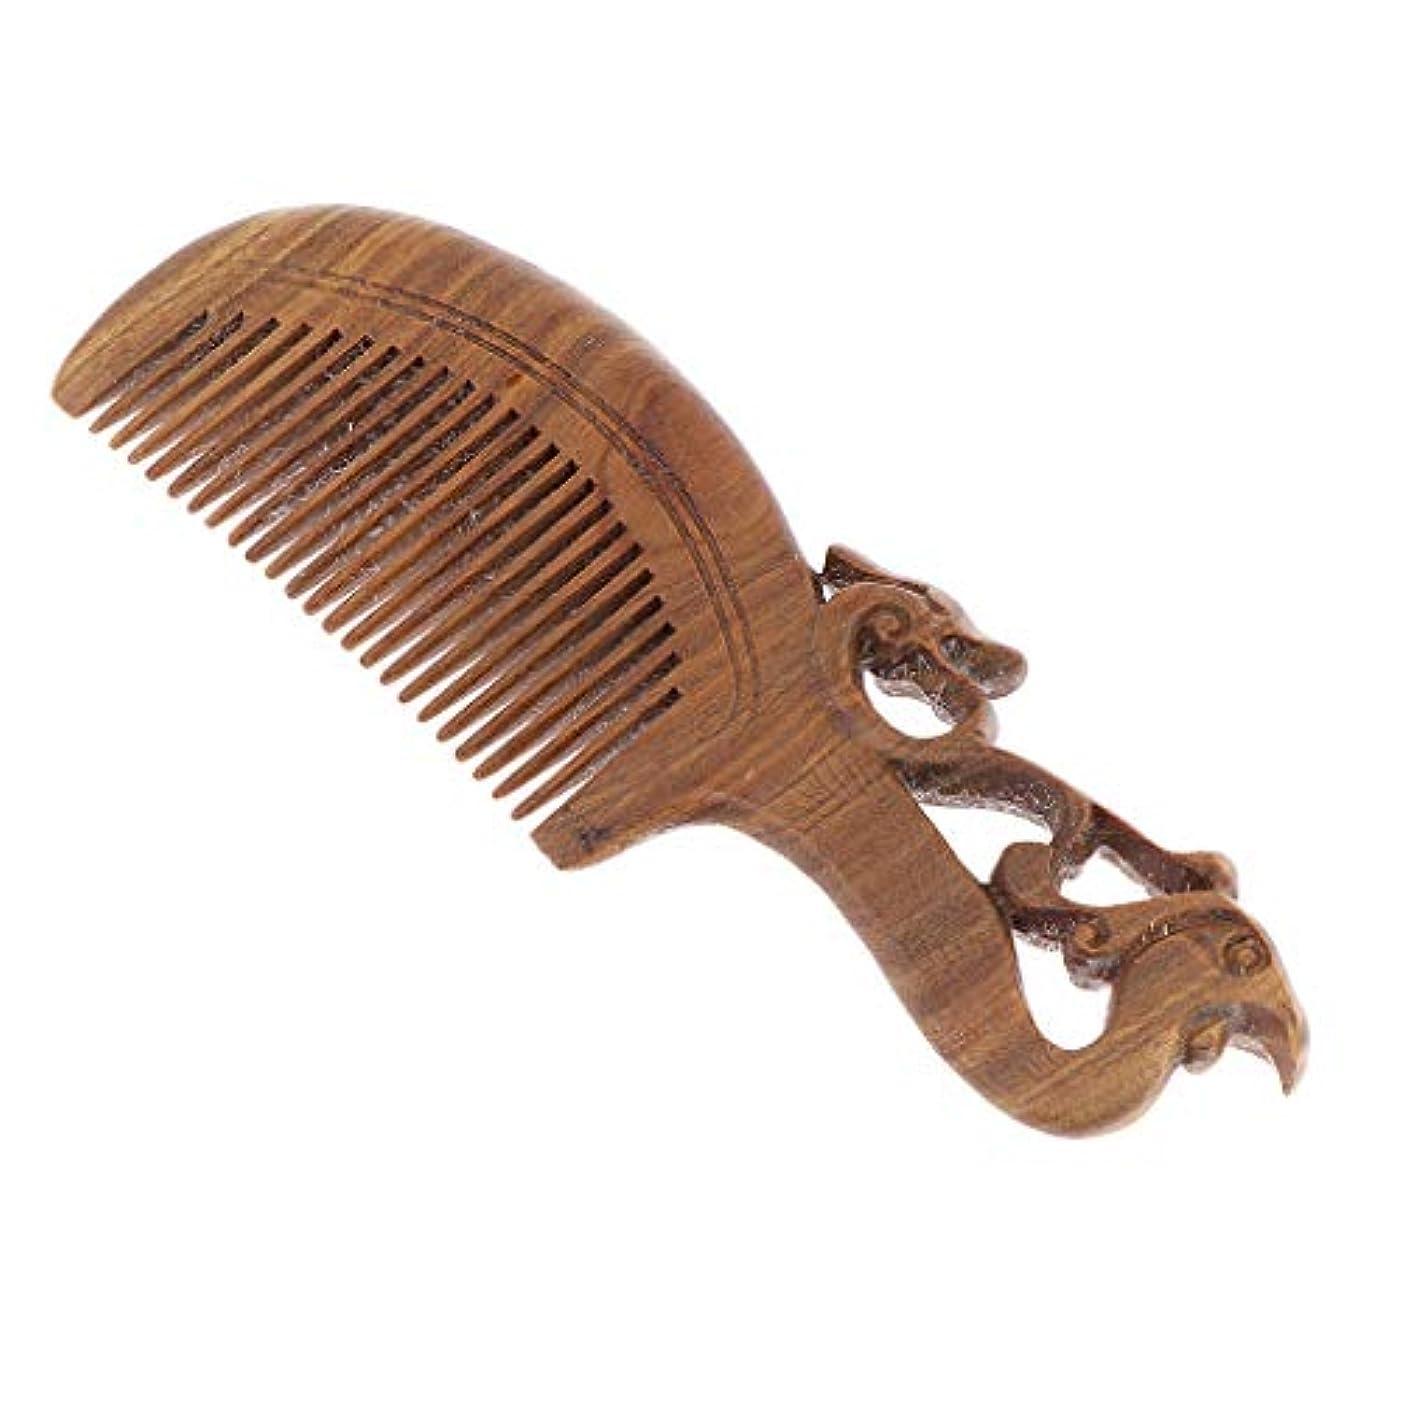 叫ぶ満足させる熟練したF Fityle ウッドコーム 木製櫛 プレゼント 頭皮マッサージ レトロ 手作り 高品質 4タイプ選べ   - 17 x 5.5 x 1.2 cm